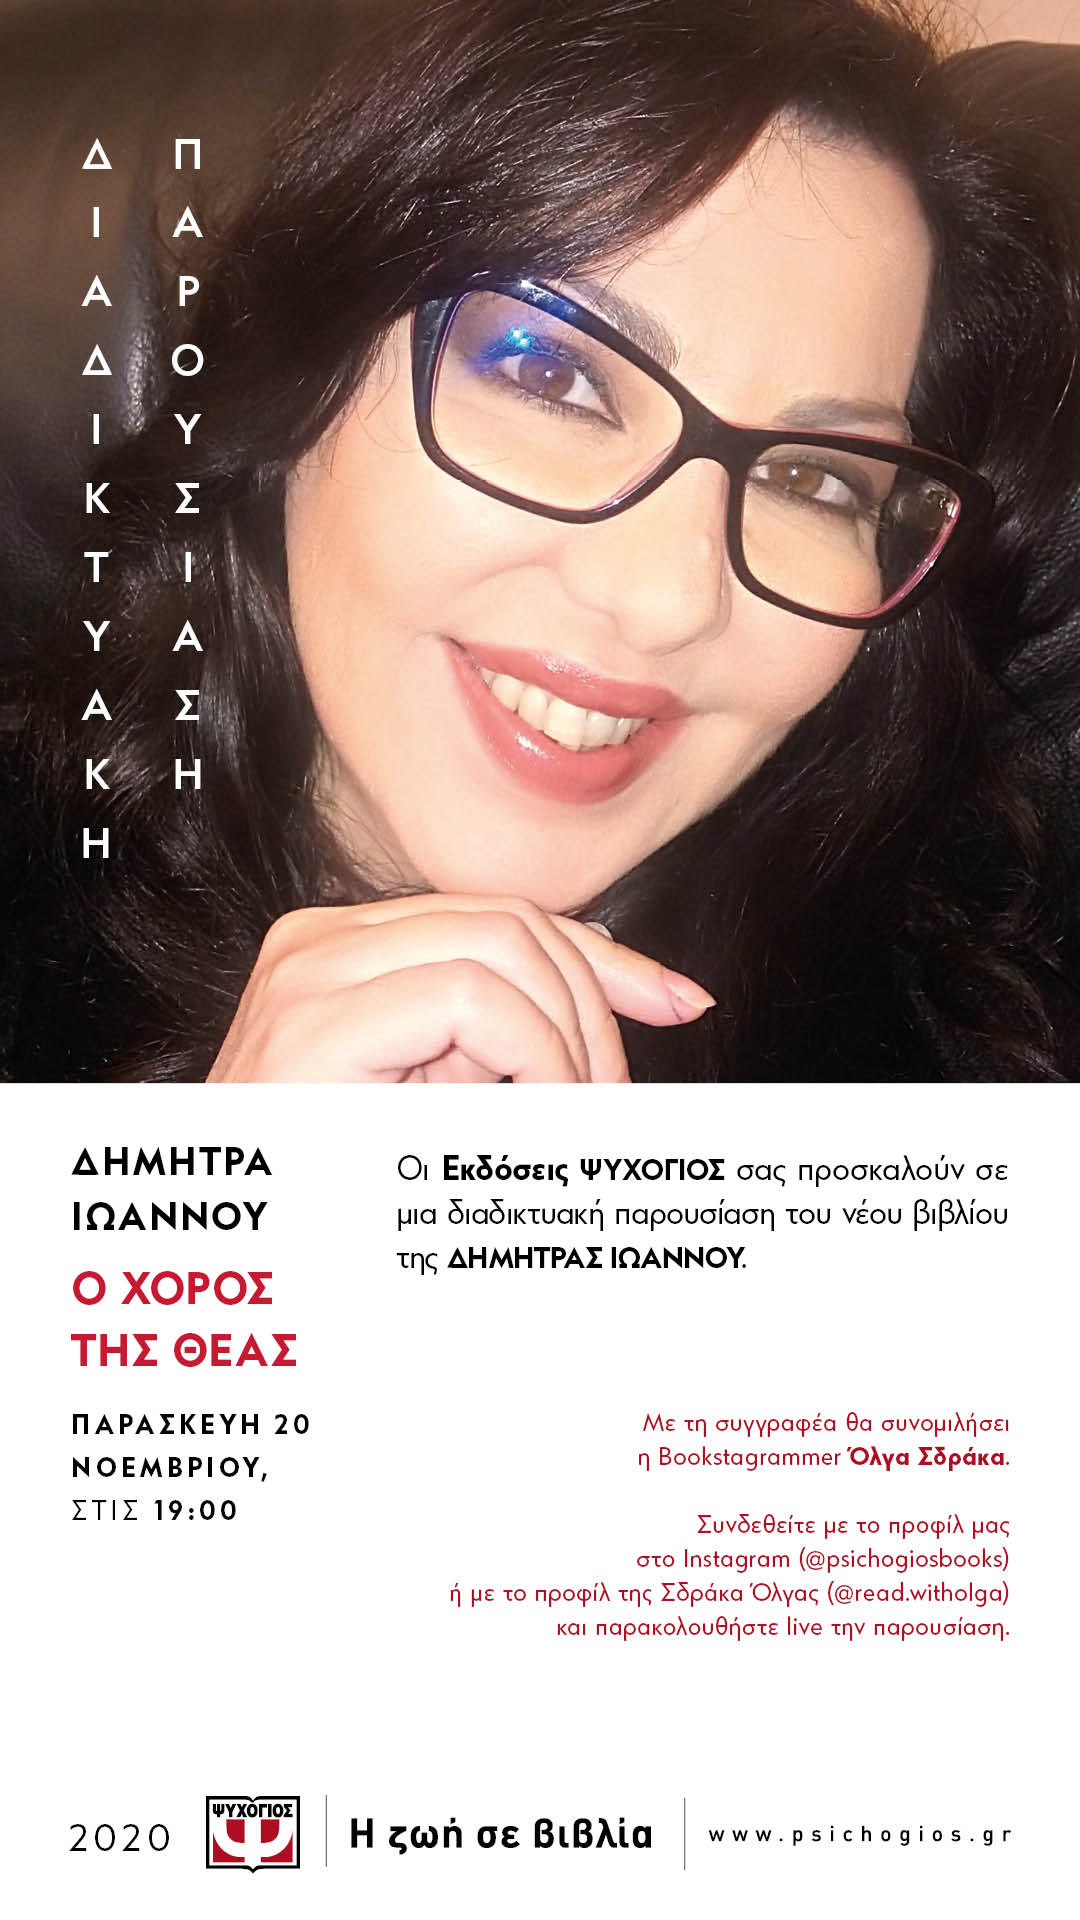 Διαδικτυακή παρουσίαση βιβλίου με τη συγγραφέα Δήμητρα Ιωάννου